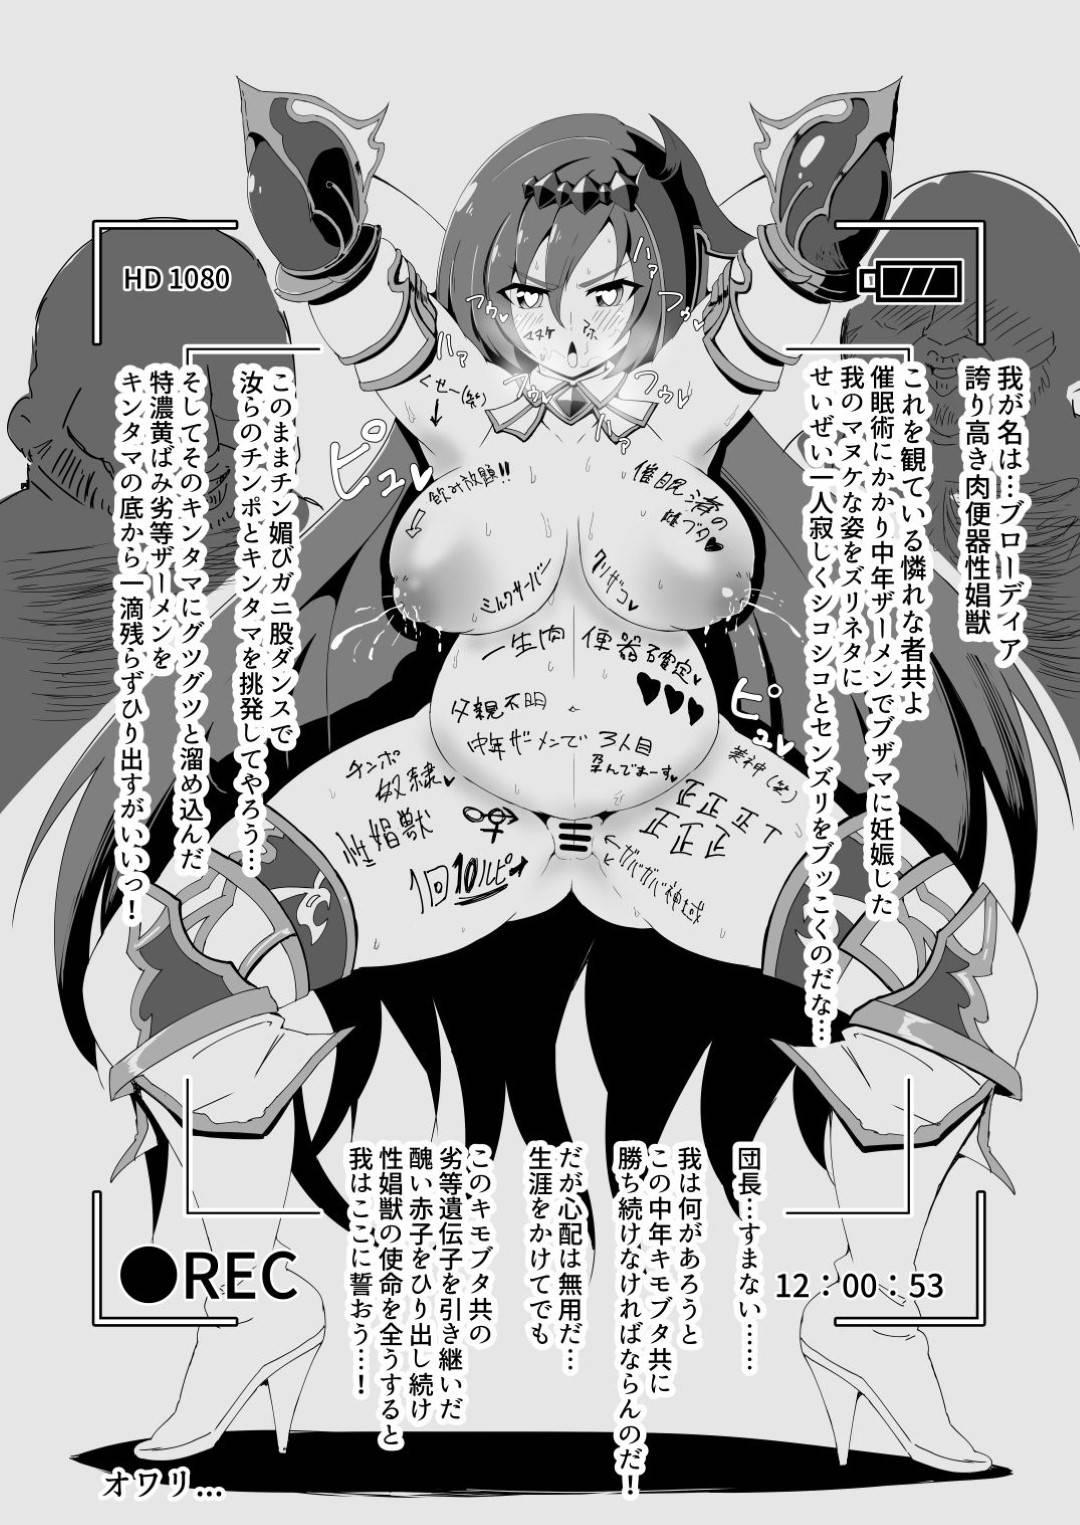 【エロ漫画】催眠調教を受けちゃった生意気な美少女…ど変態なトロ顔にフェラしたりパイズリしたりして母乳も出して快楽堕ちしちゃう!【犬塚毅:ゴッドブザマ・ハメーディア】